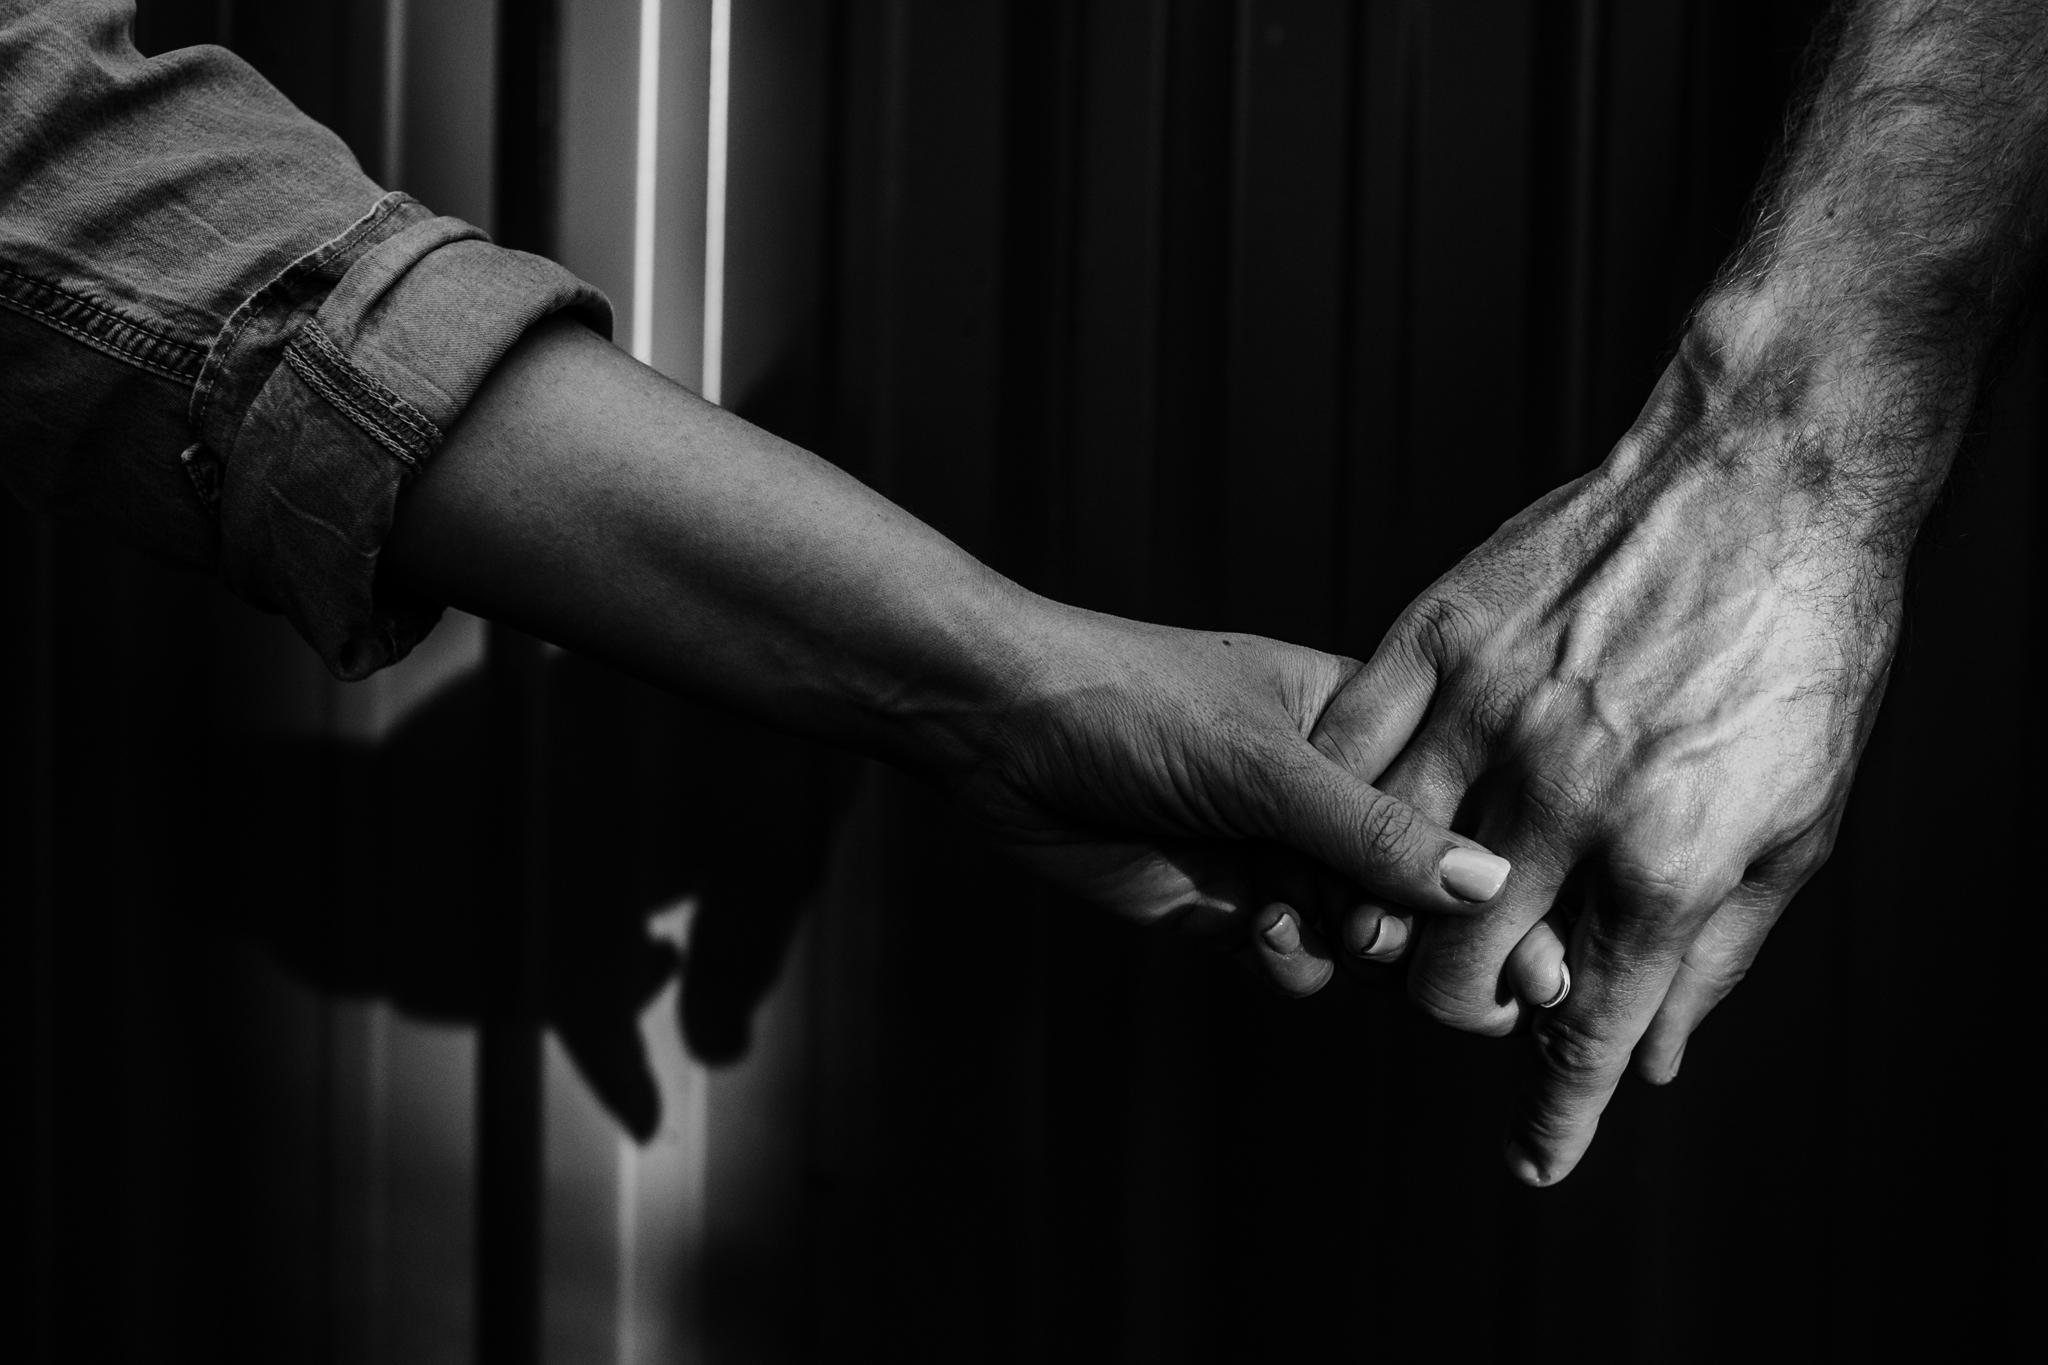 karina and josh holding hands-1.jpg